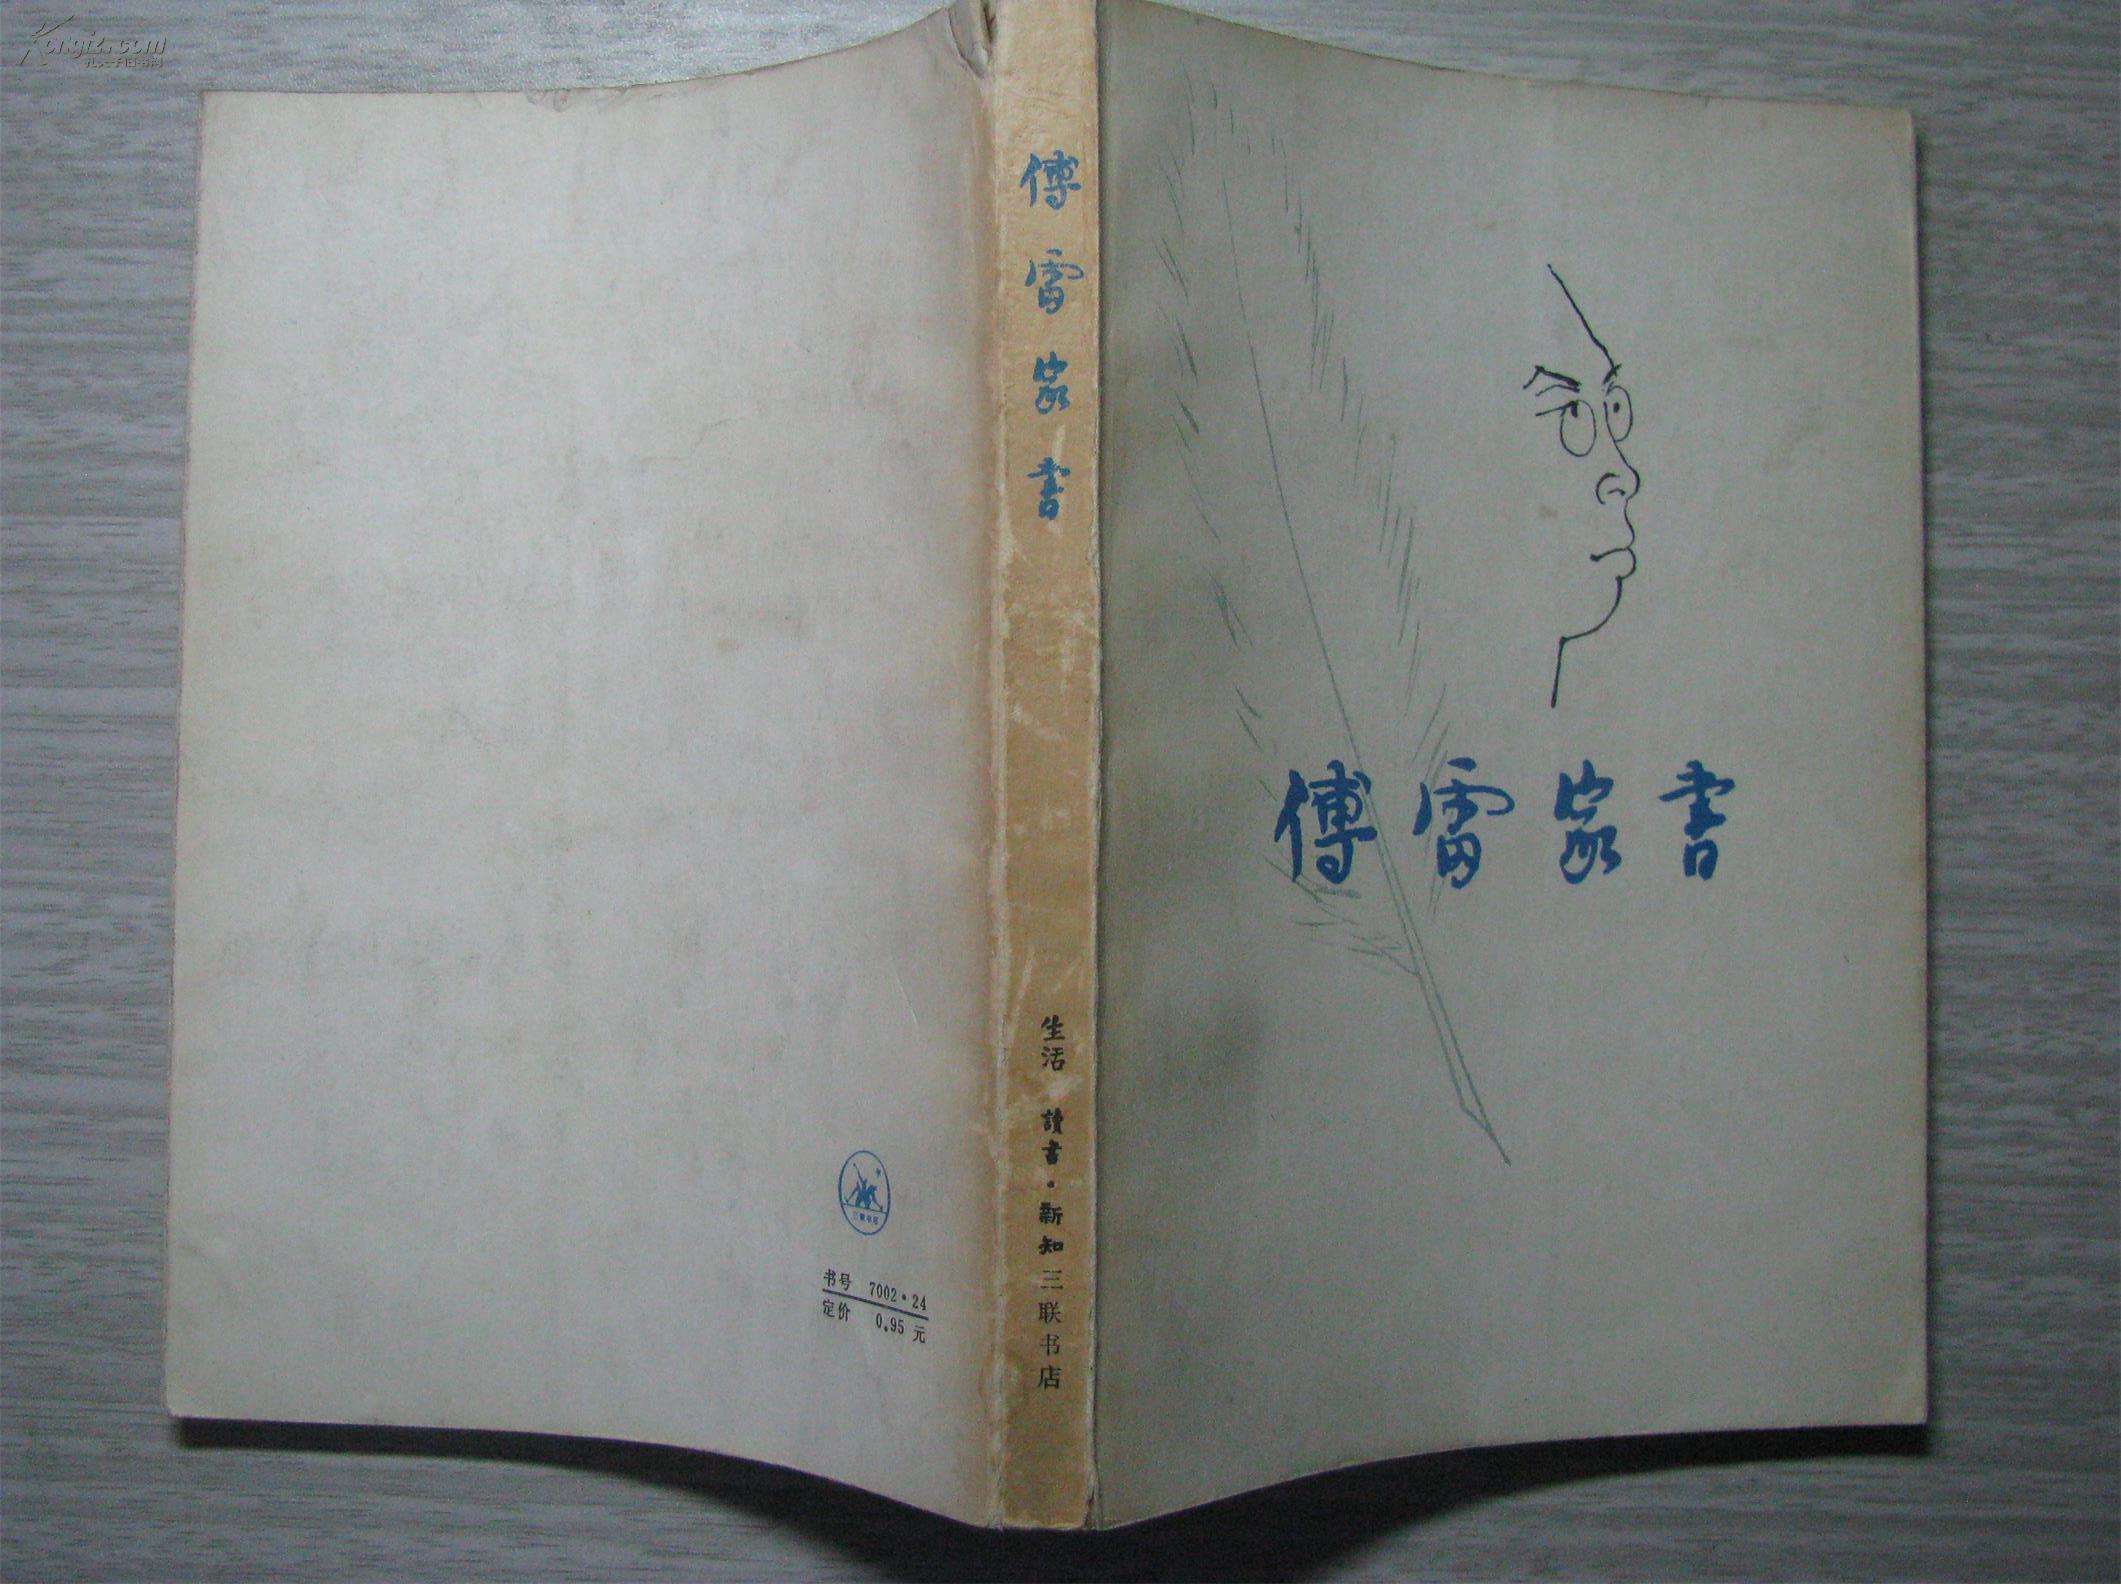 培根随笔好句_傅雷家书 ,水浒传,培根随笔,读书笔记共15篇, 要有好词好句,概括 ...